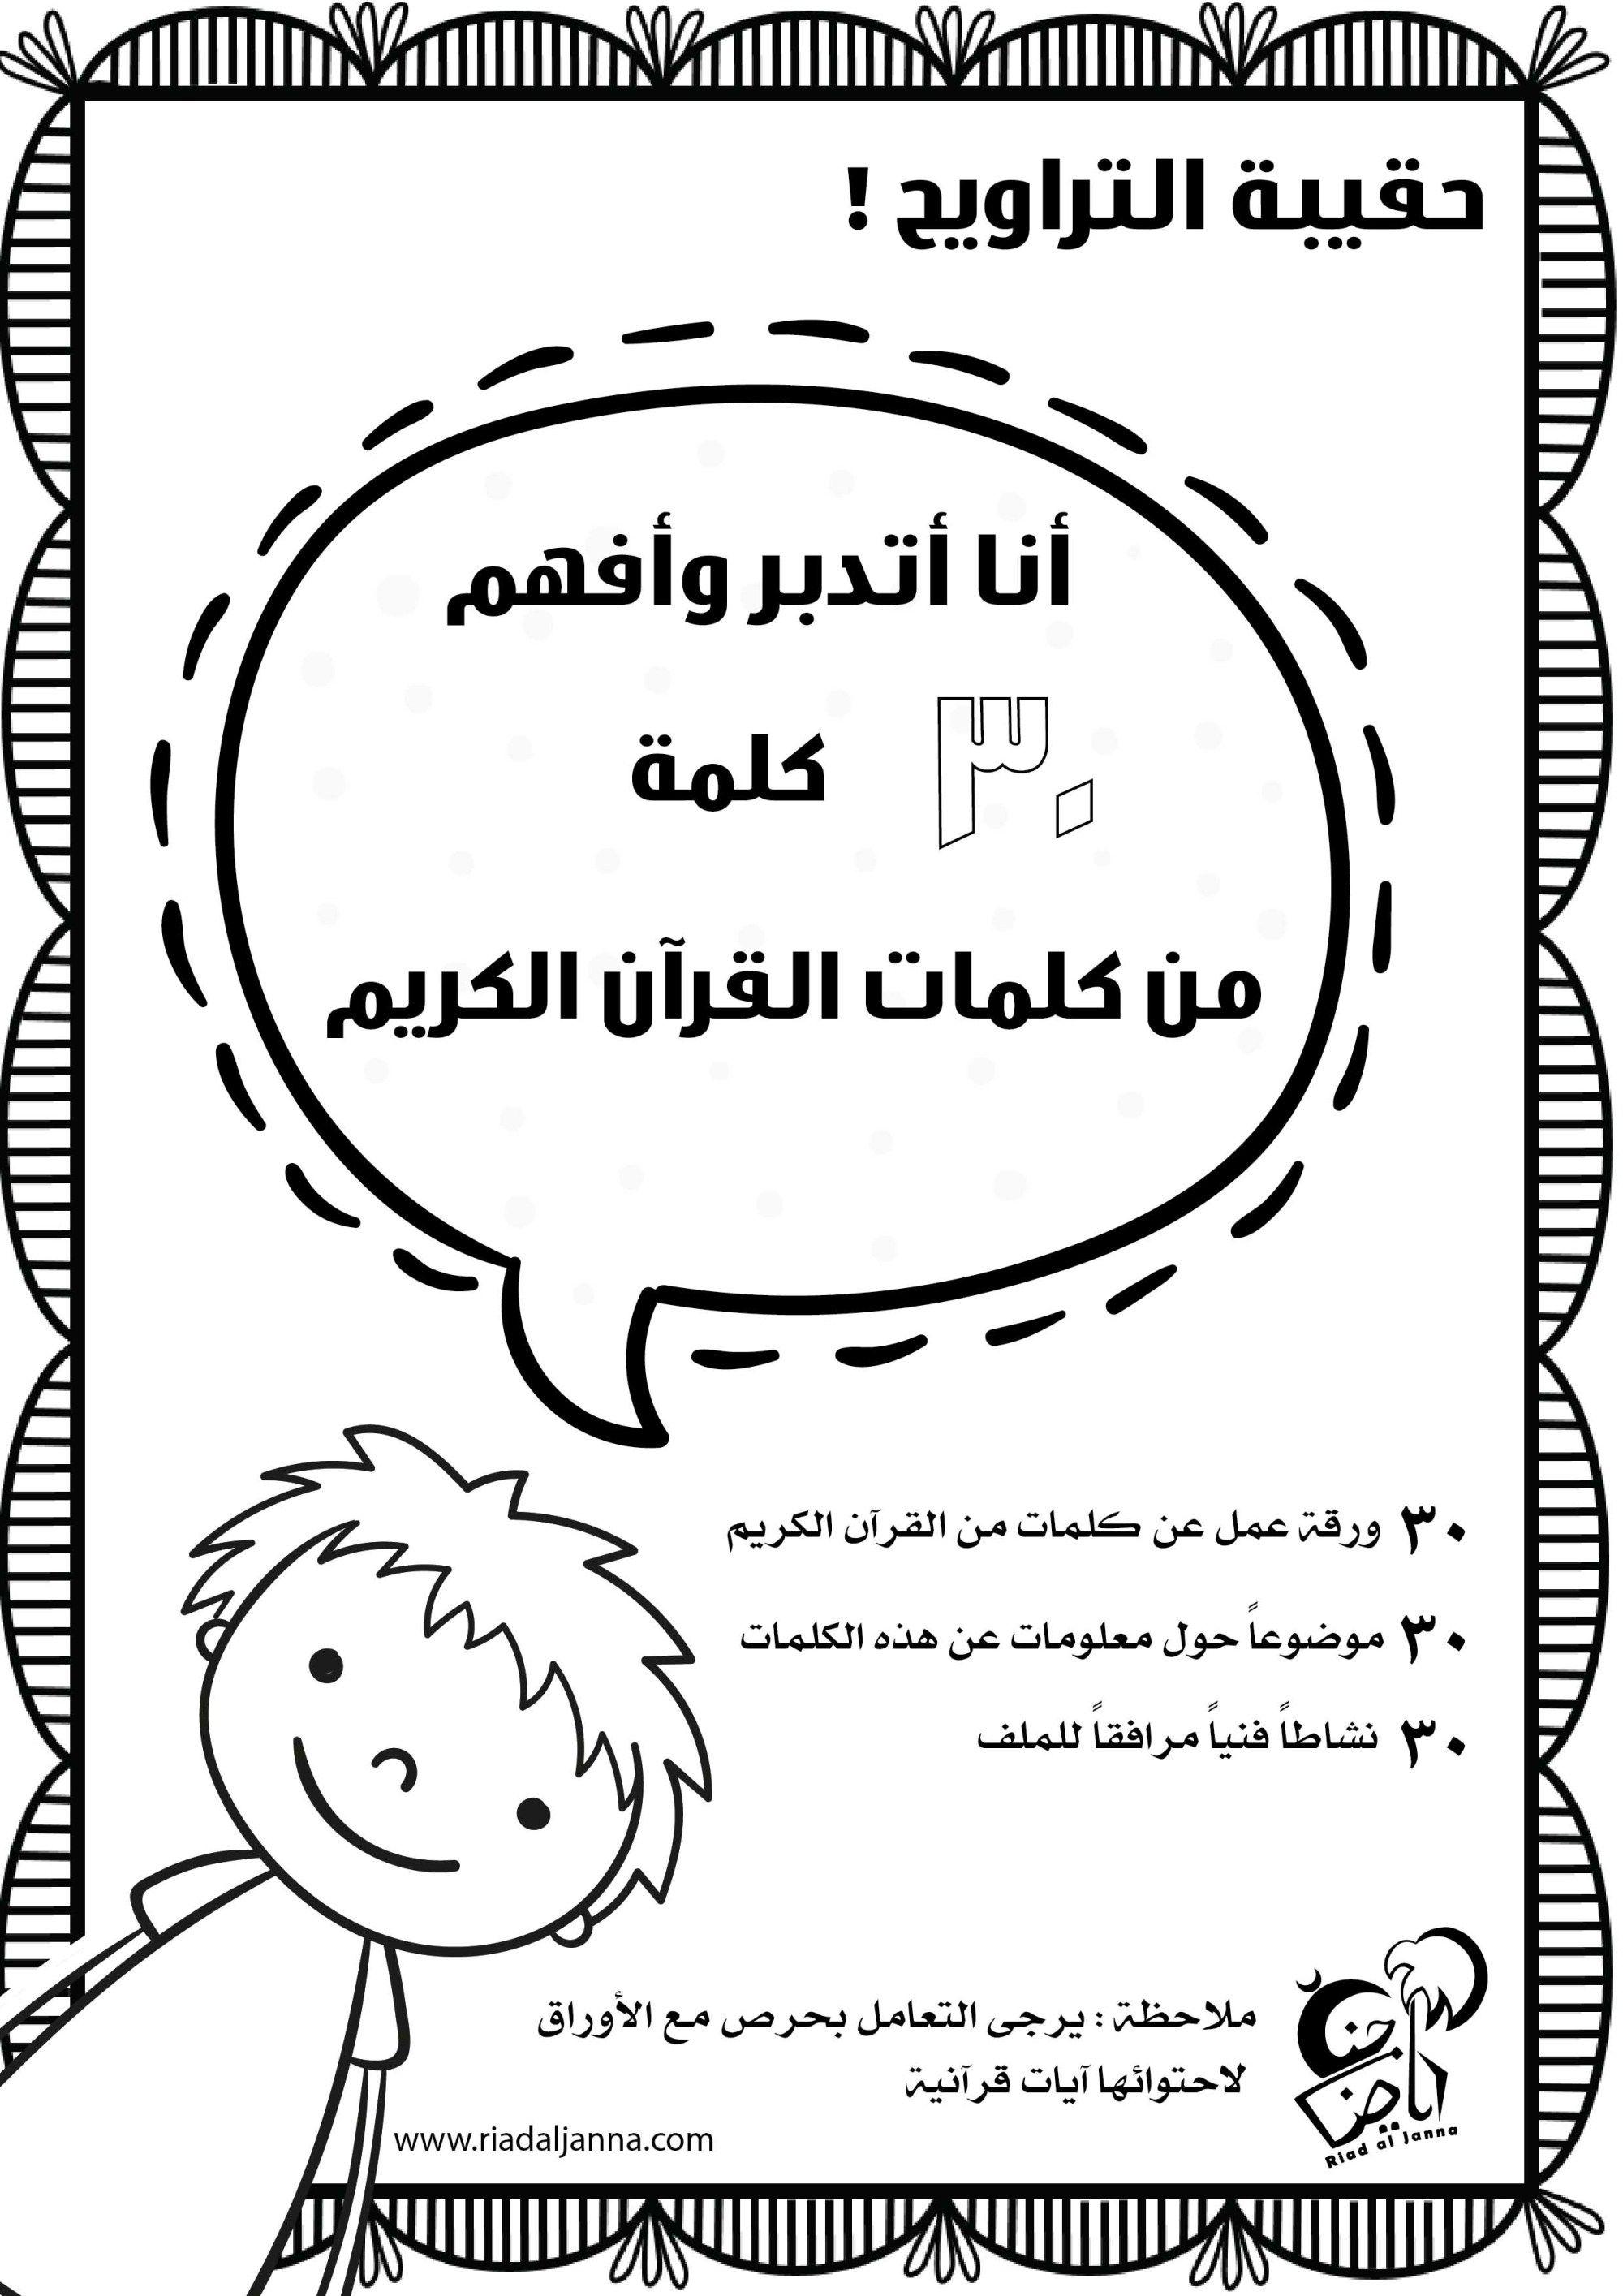 برنامج أتدبر القرآن الكريم للأطفال 30 ورقة عمل 30 بطاقة 30 نشاطا فنيا Kindergarten Word Families Worksheets Word Family Worksheets Kindergarten Word Families